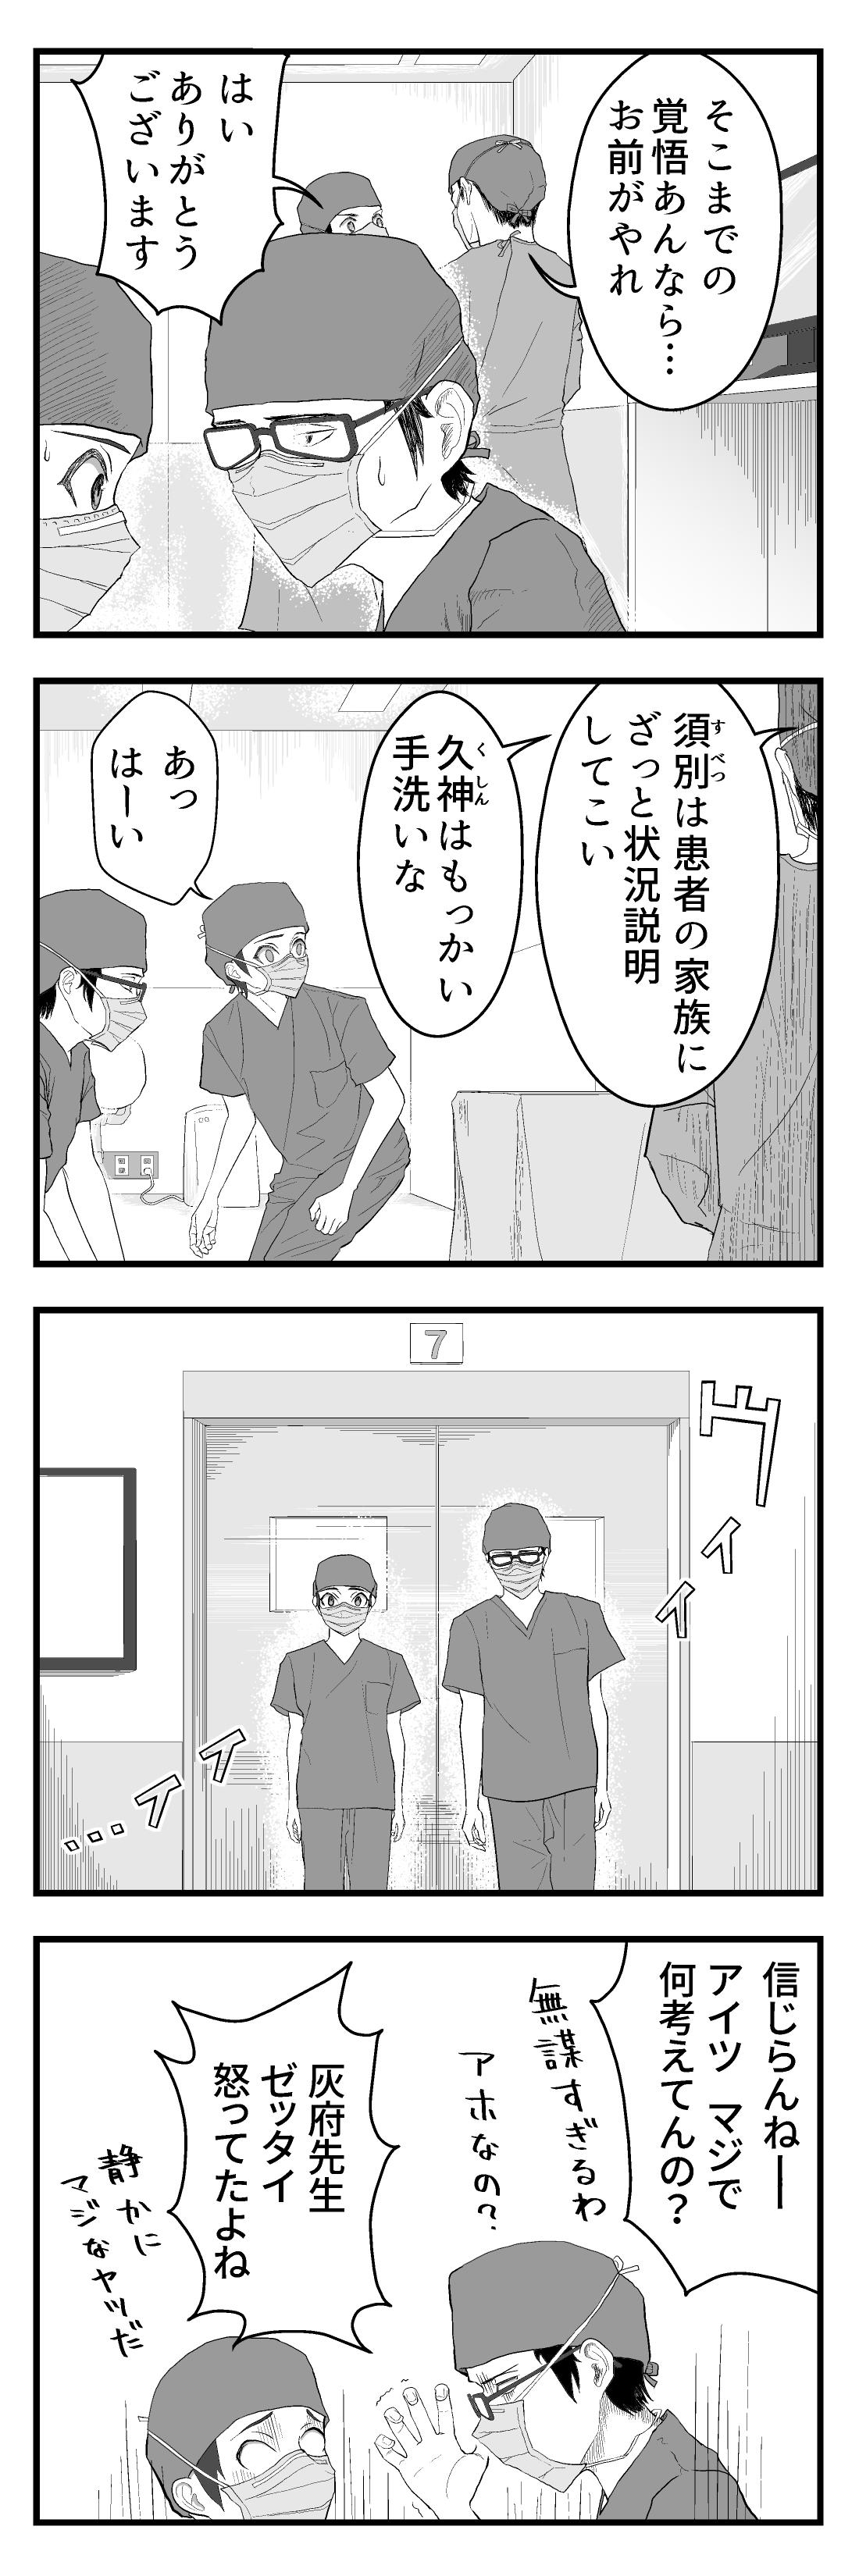 4panel103-3急性硬膜下血腫20-3